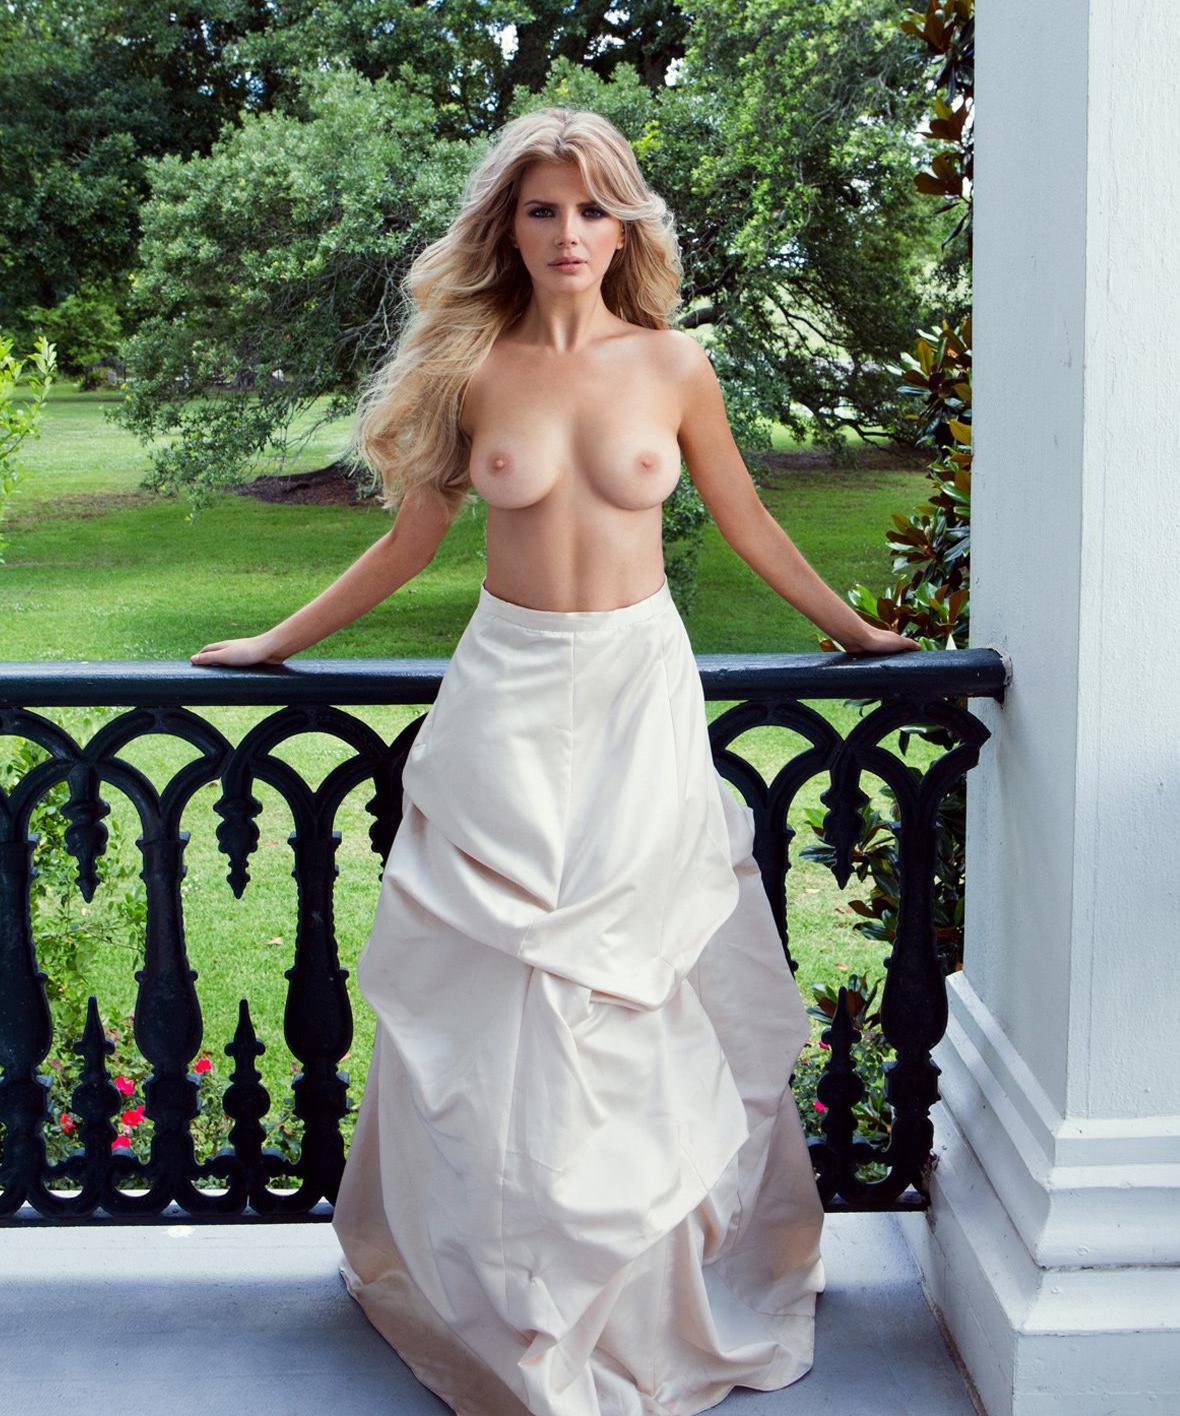 картинки красивых женщин в платьях и голые